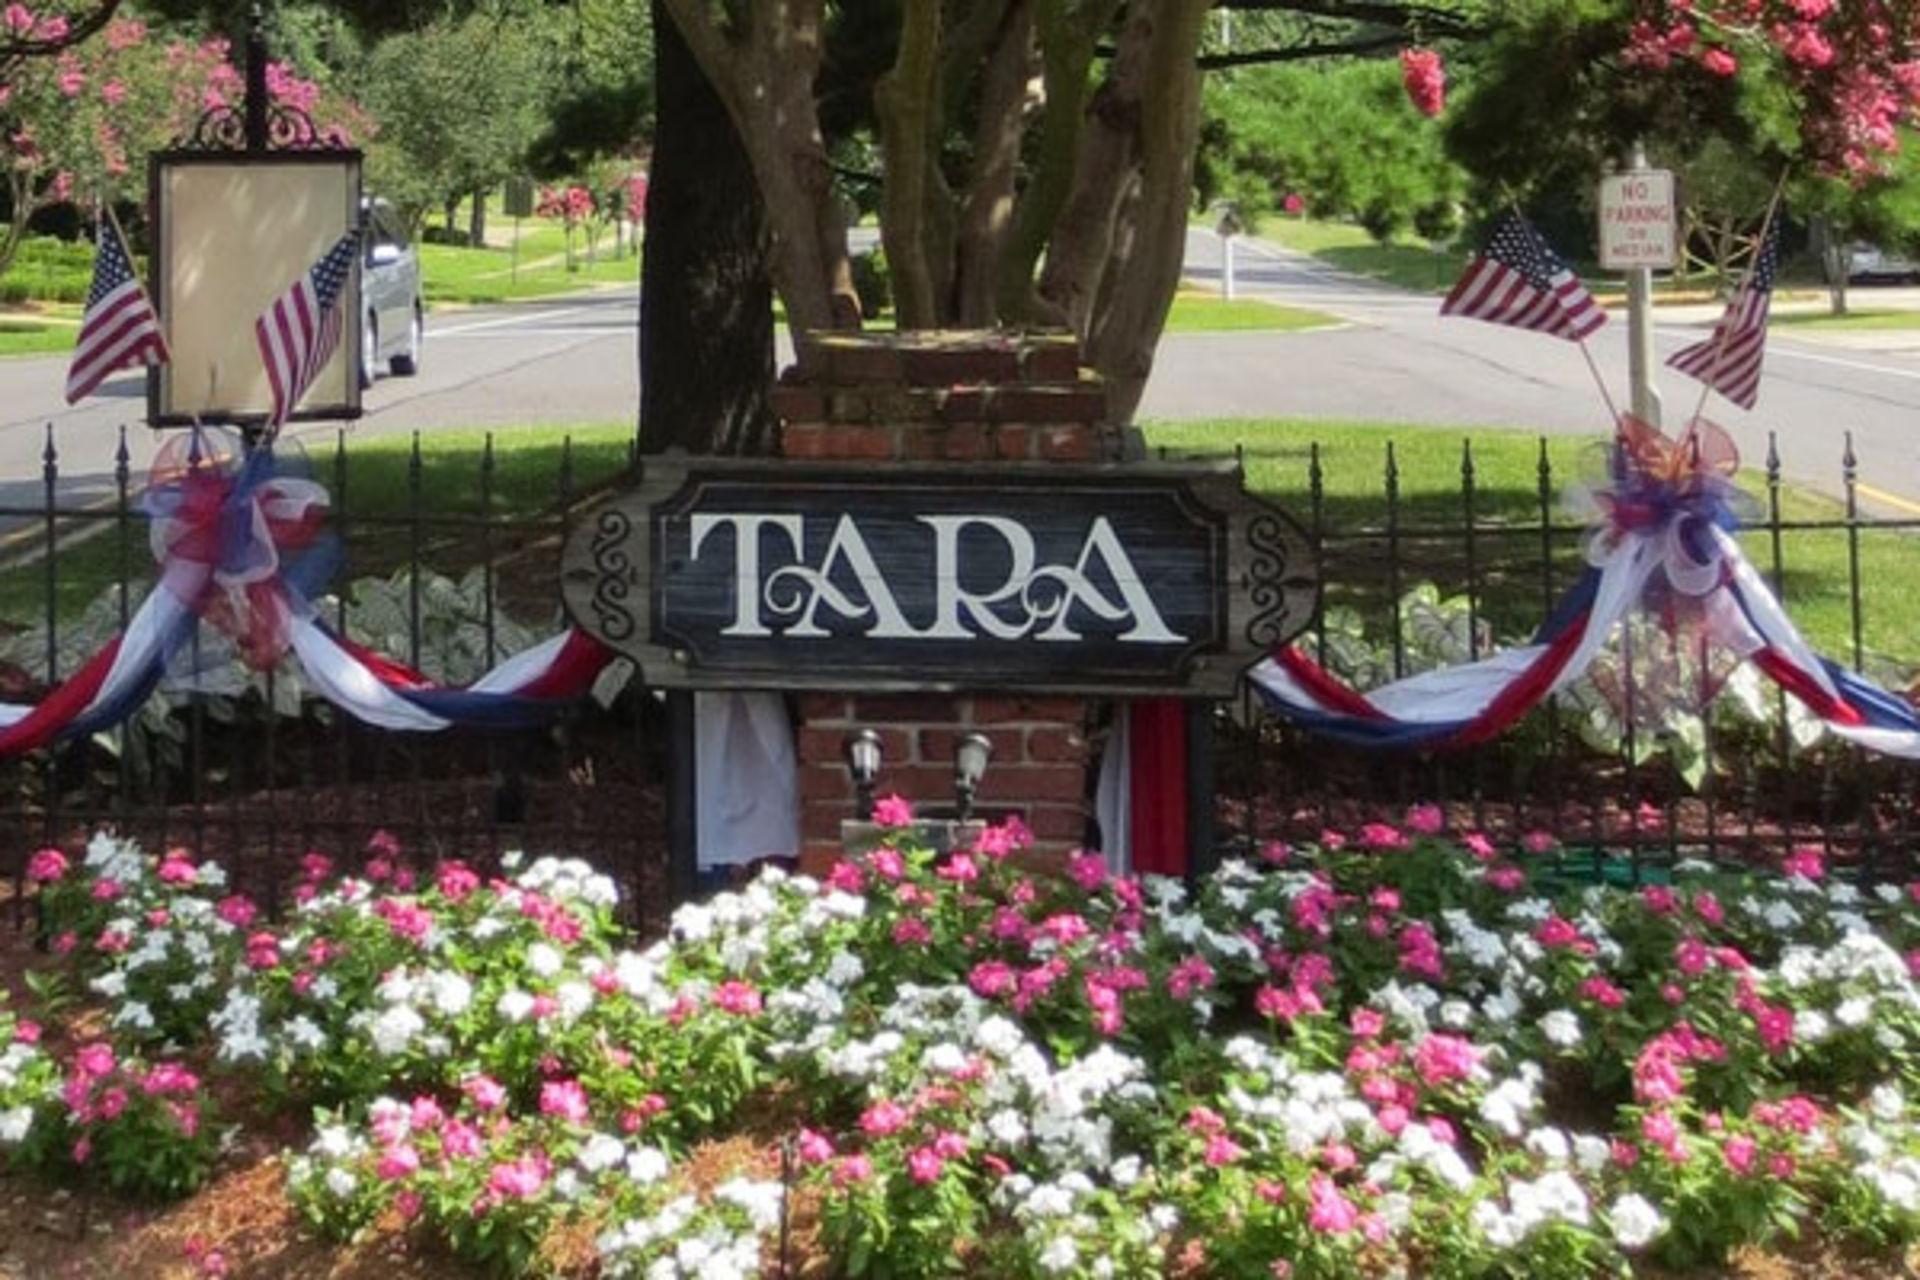 Tara Subdivision in Baton Rouge